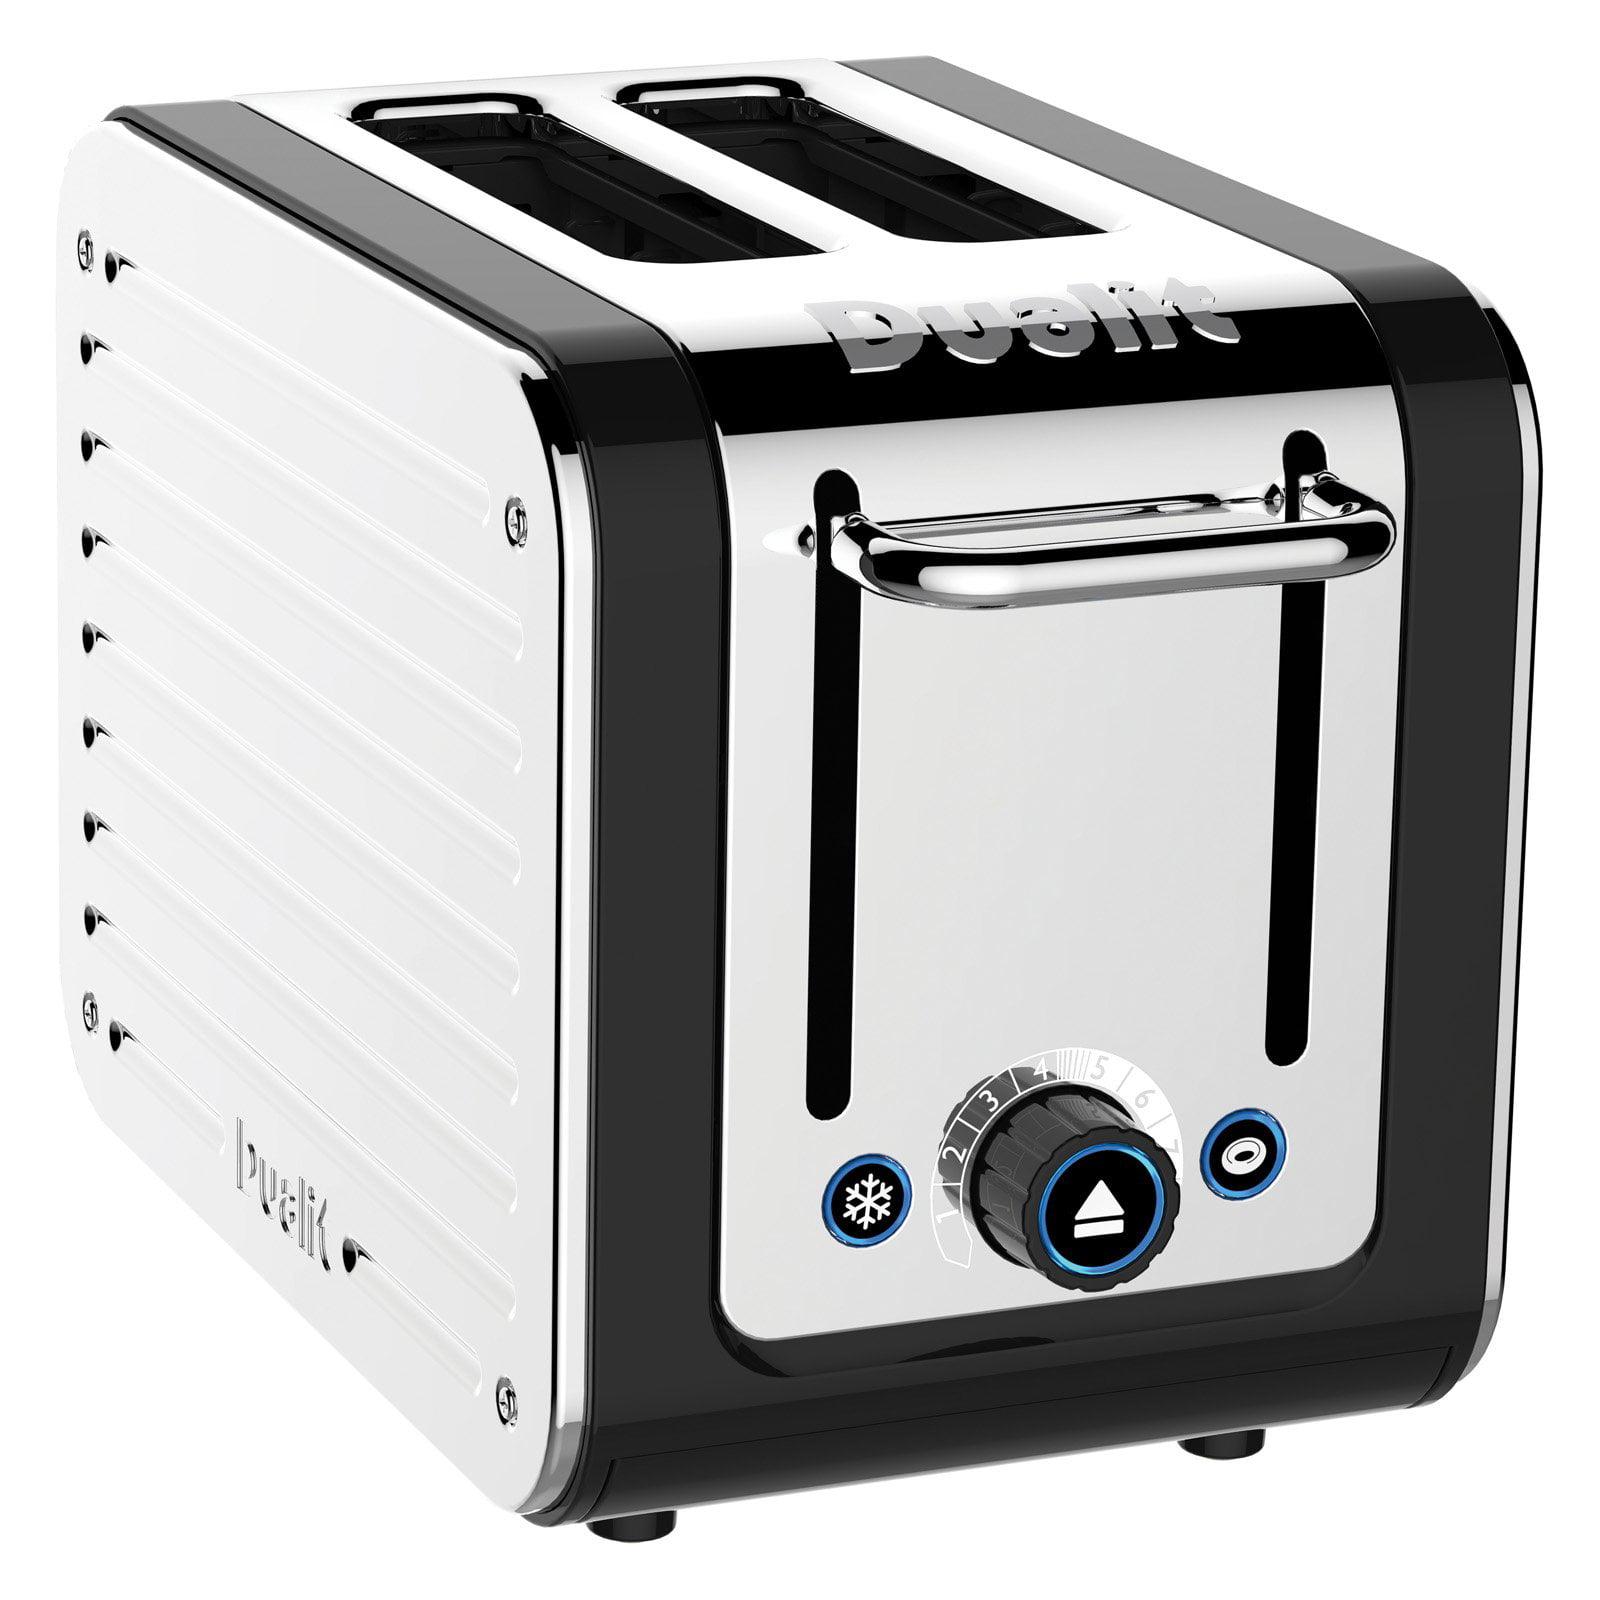 Dualit 26555 Design Series 2 Slice Toaster - Black